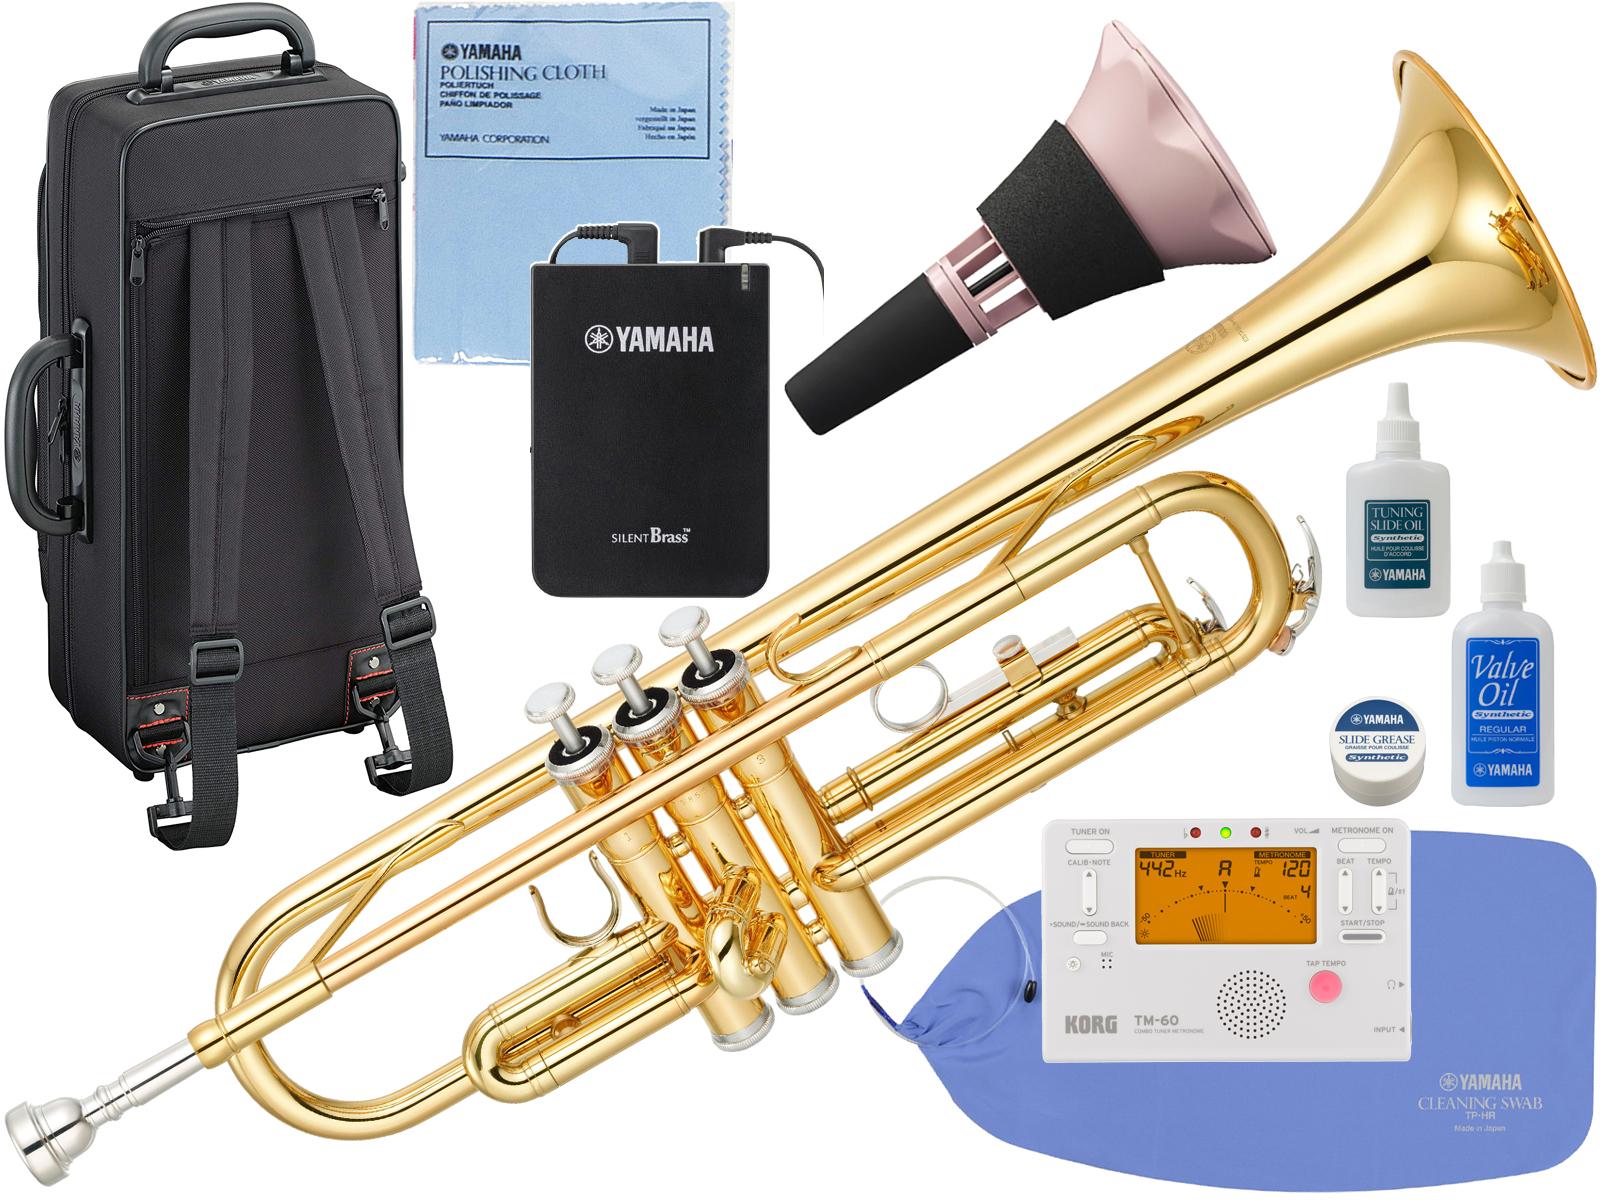 YAMAHA ( ヤマハ ) YTR-3335 トランペット リバース管 ゴールド 1本支柱 管楽器 B♭ 正規品 YTR-3335-01 Trumpet サイレントブラス SB7XP セット 北海道 沖縄 離島 不可